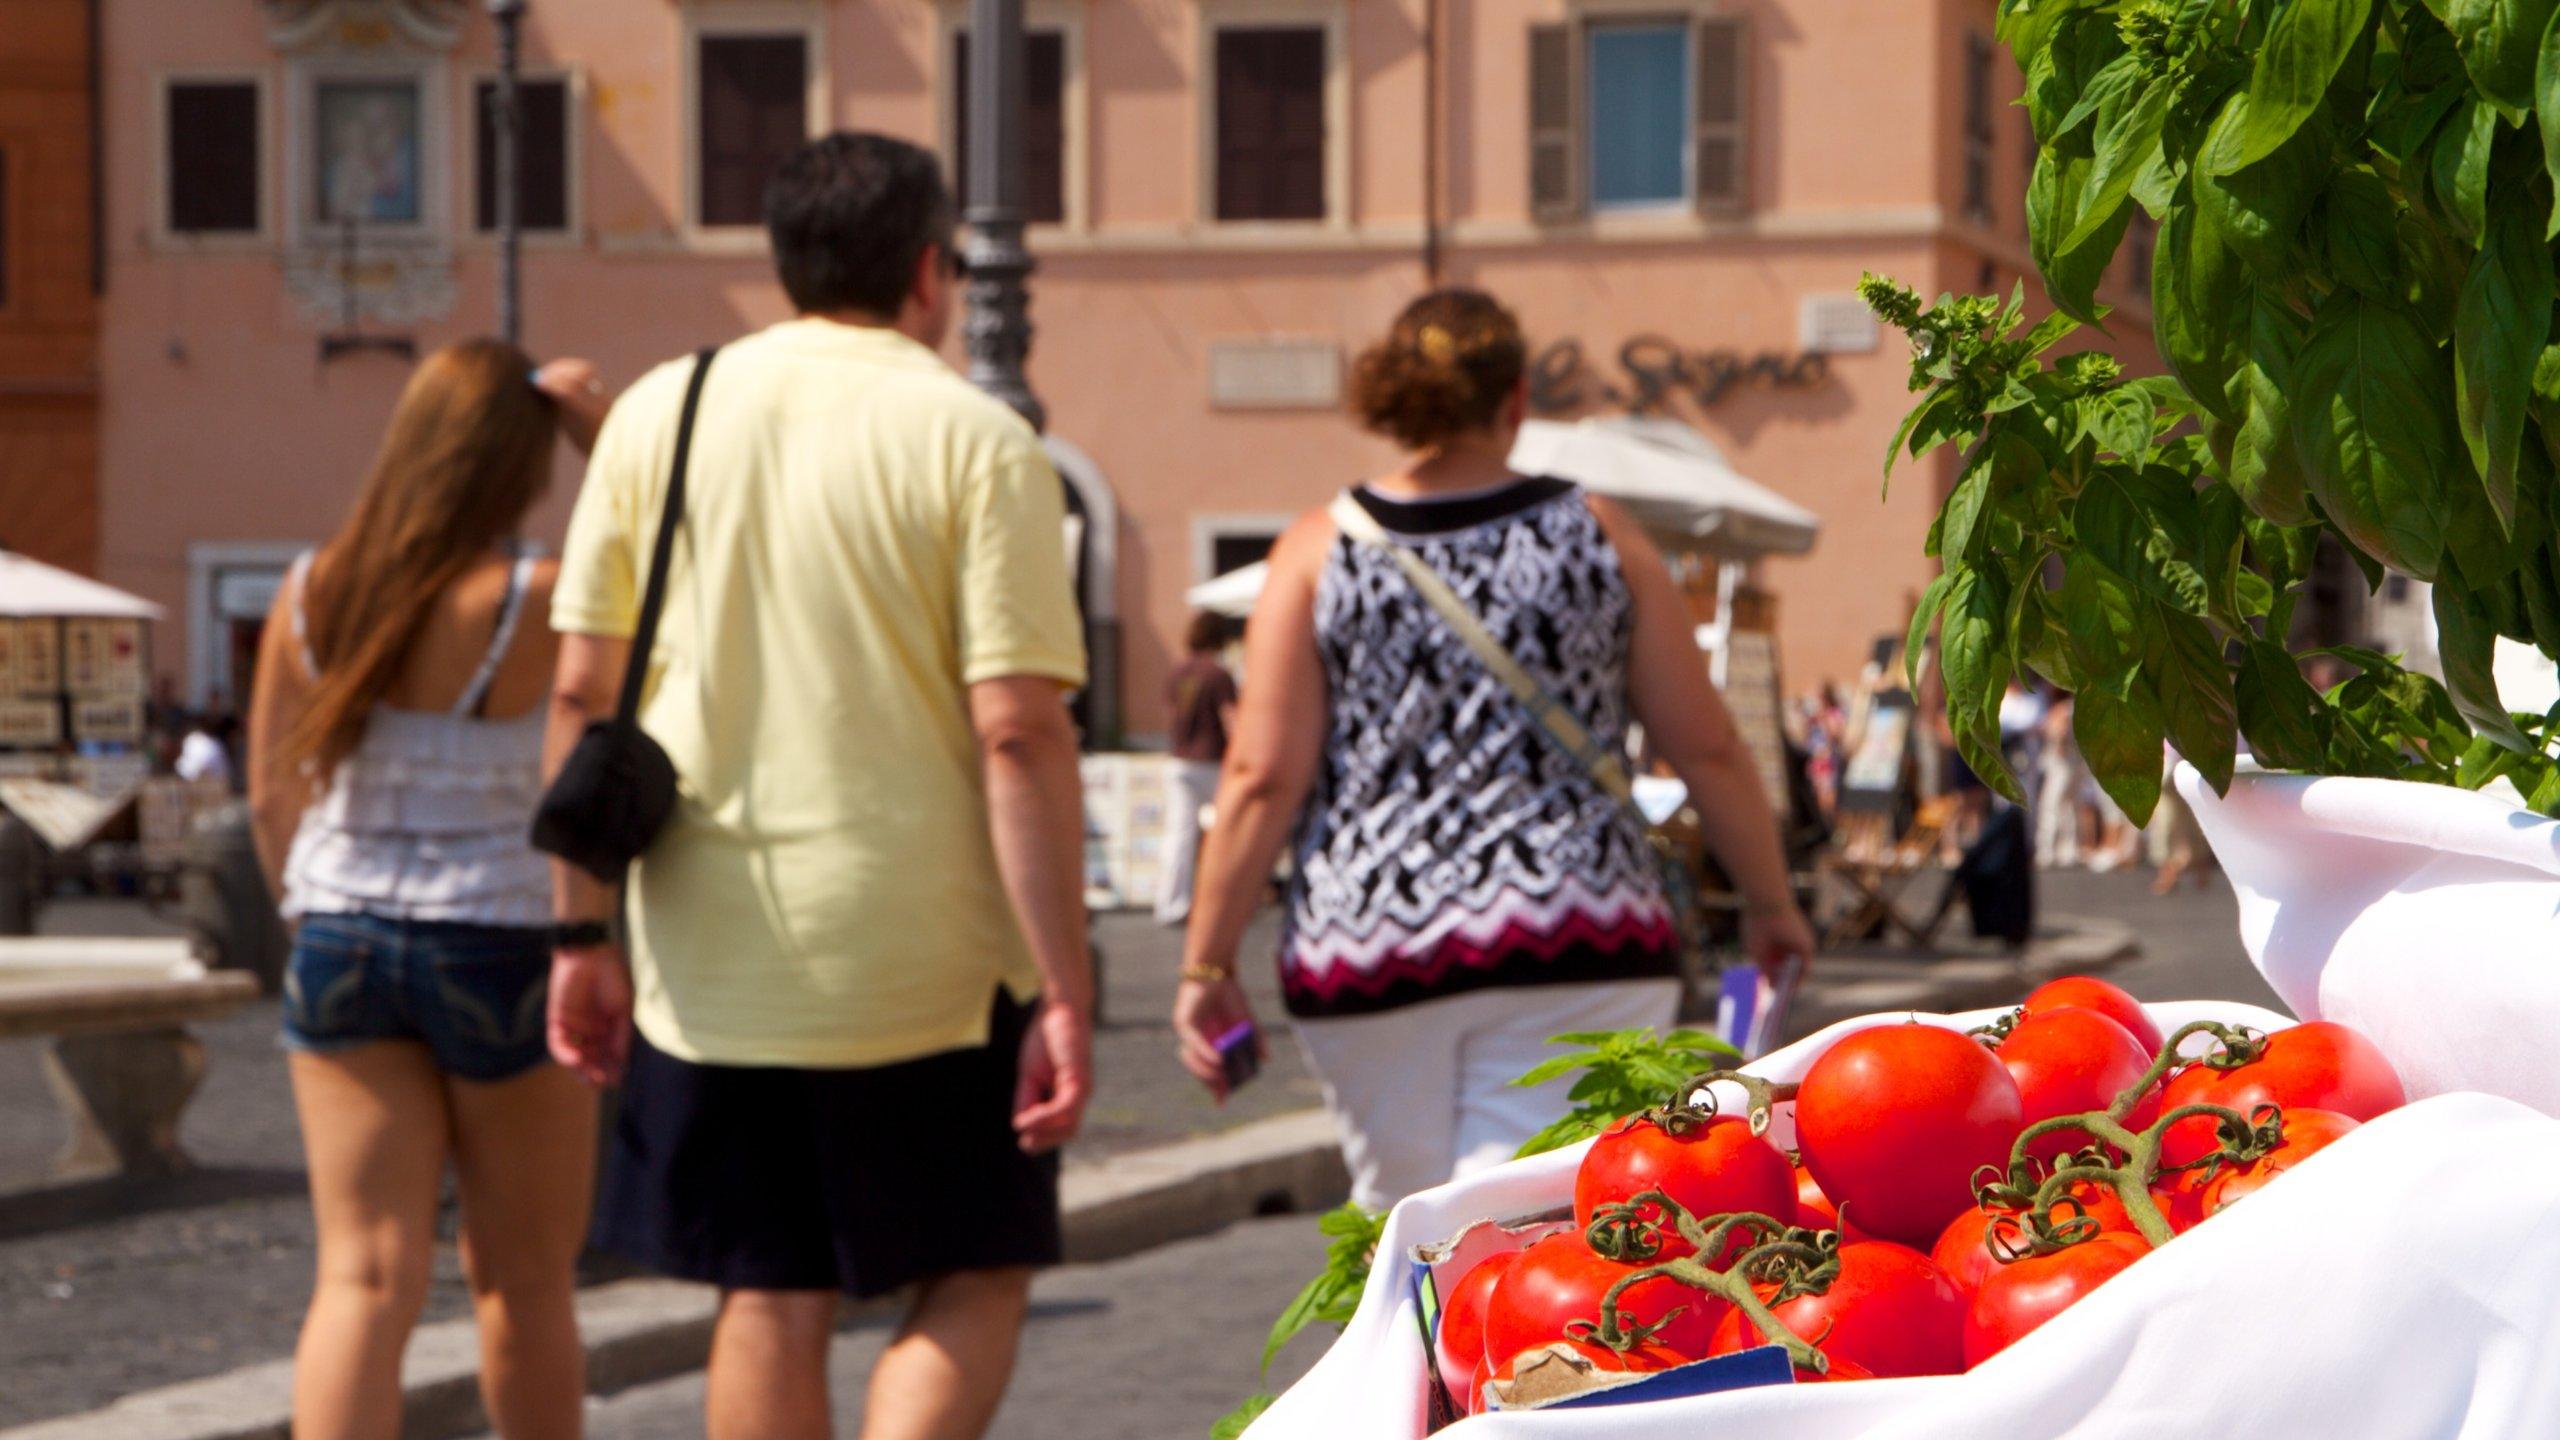 Rione VI Parione, Rome, Lazio, Italy